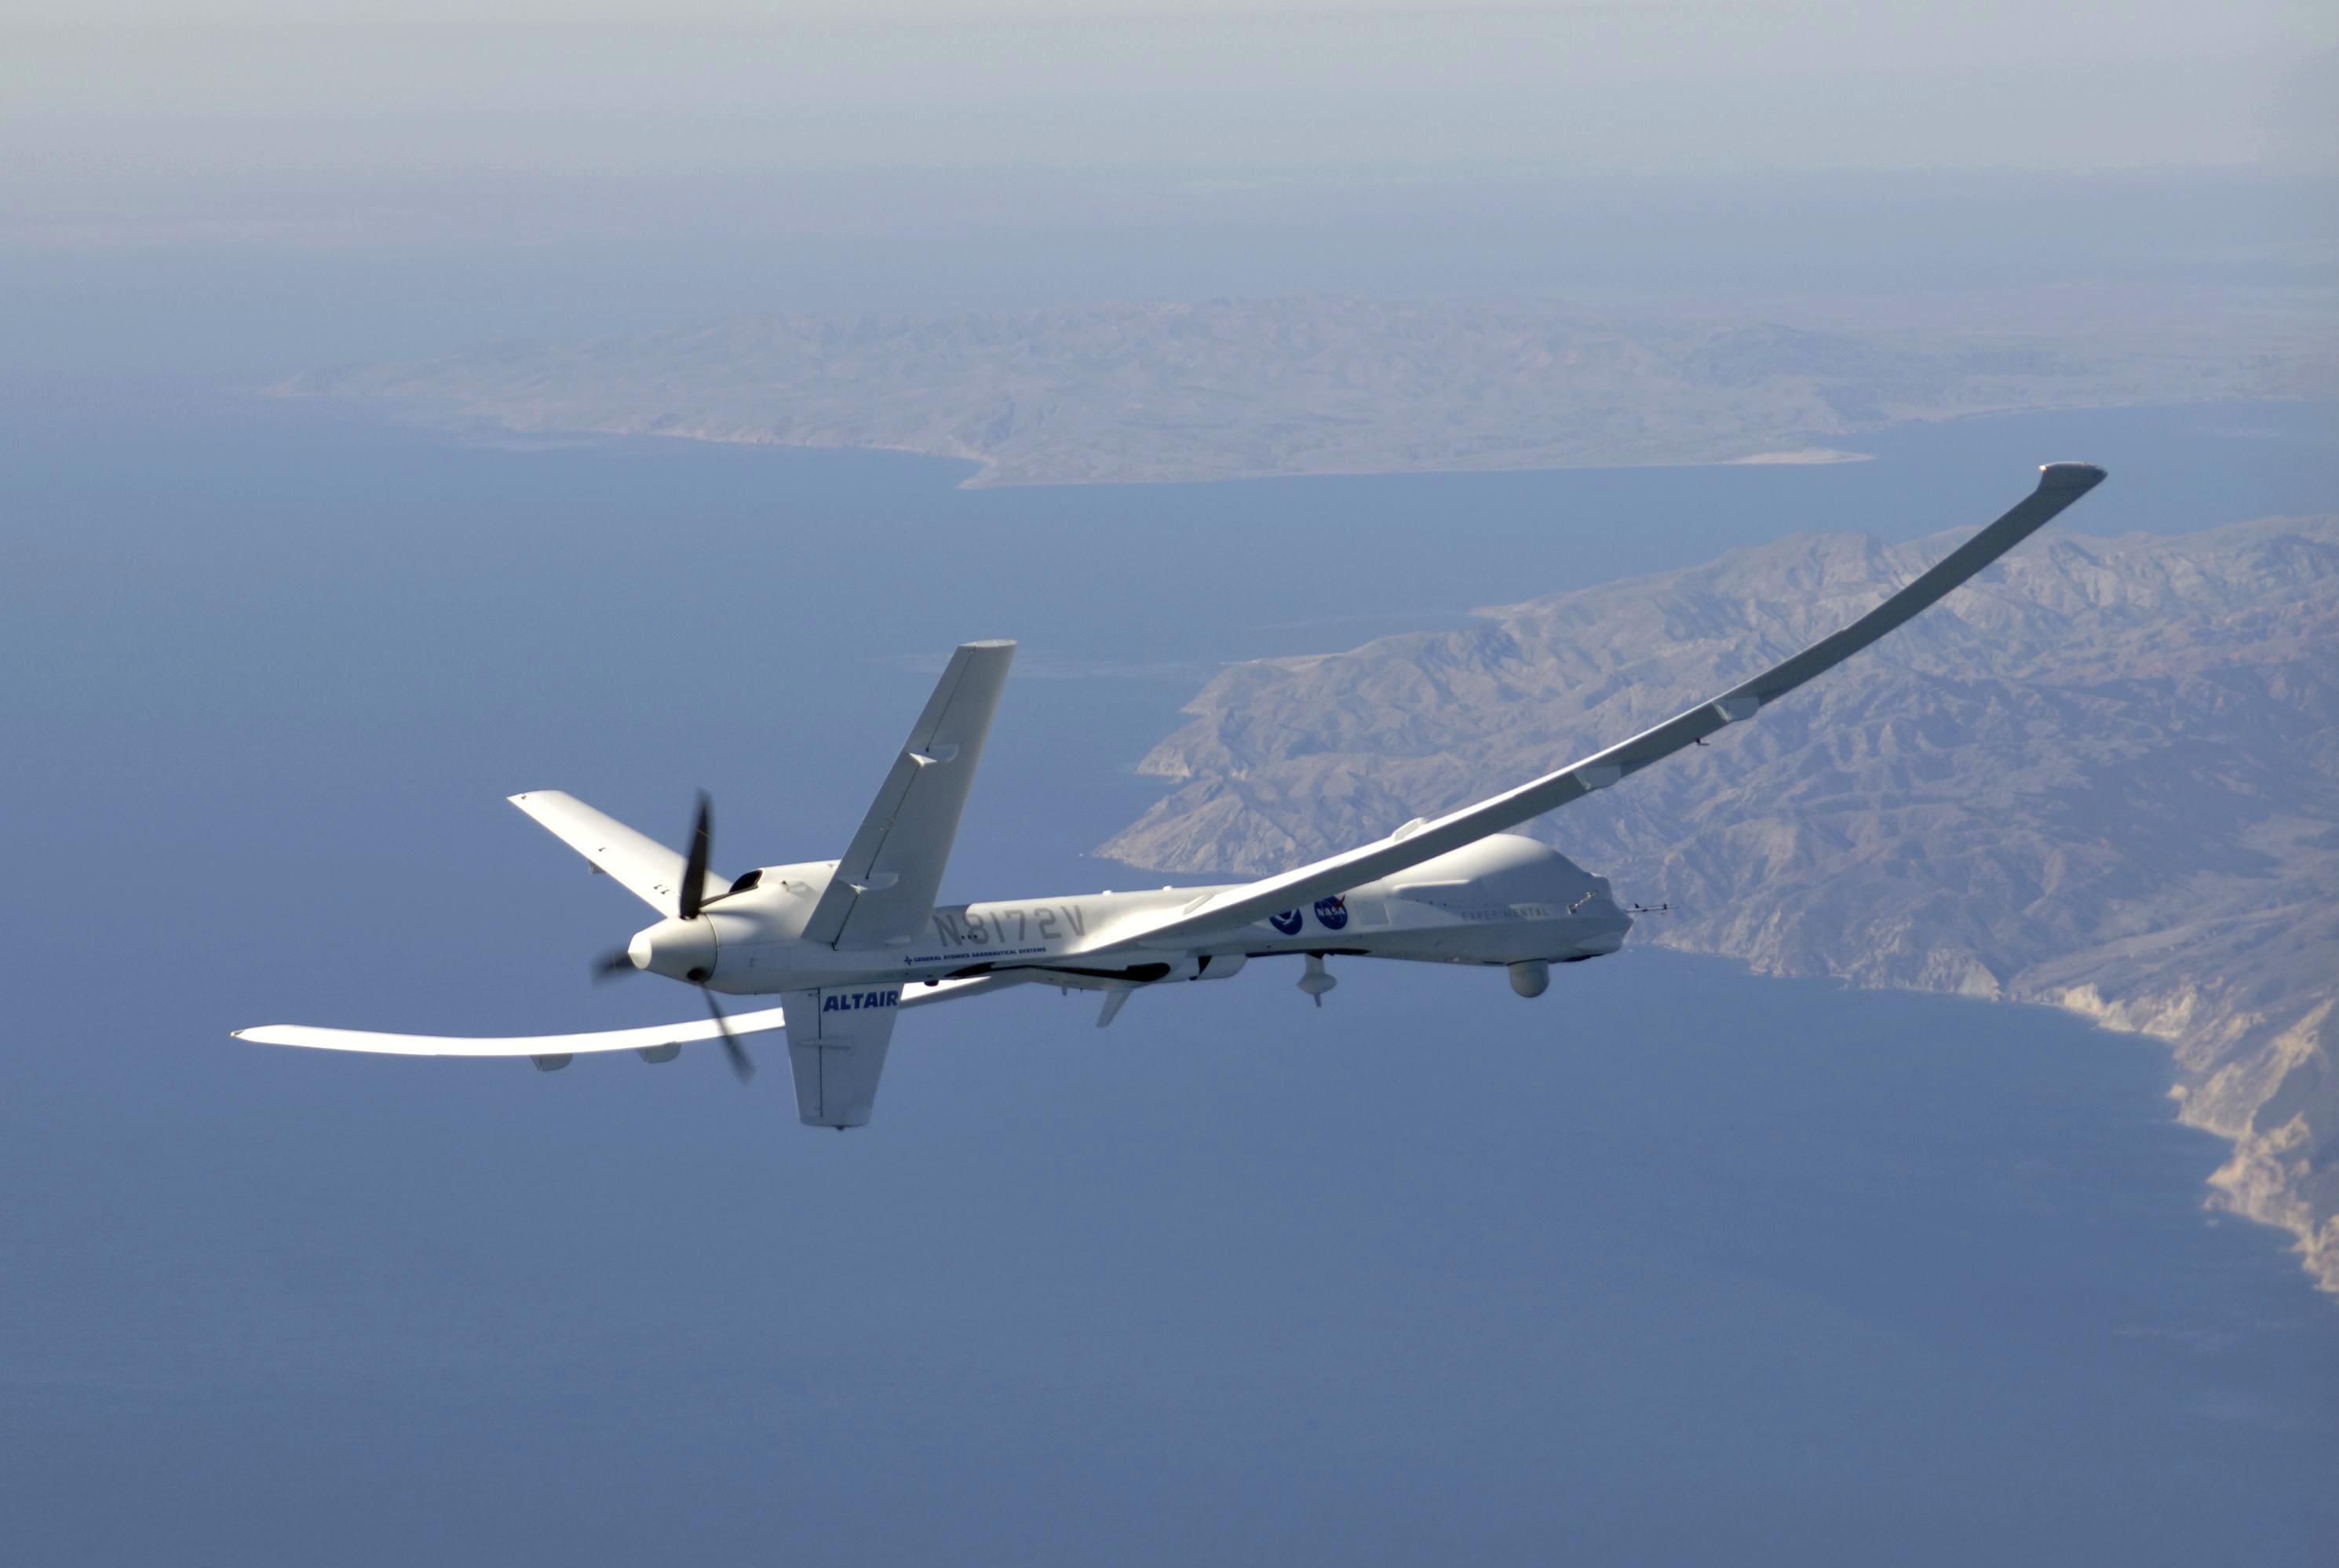 nasa high altitude aircraft - photo #8